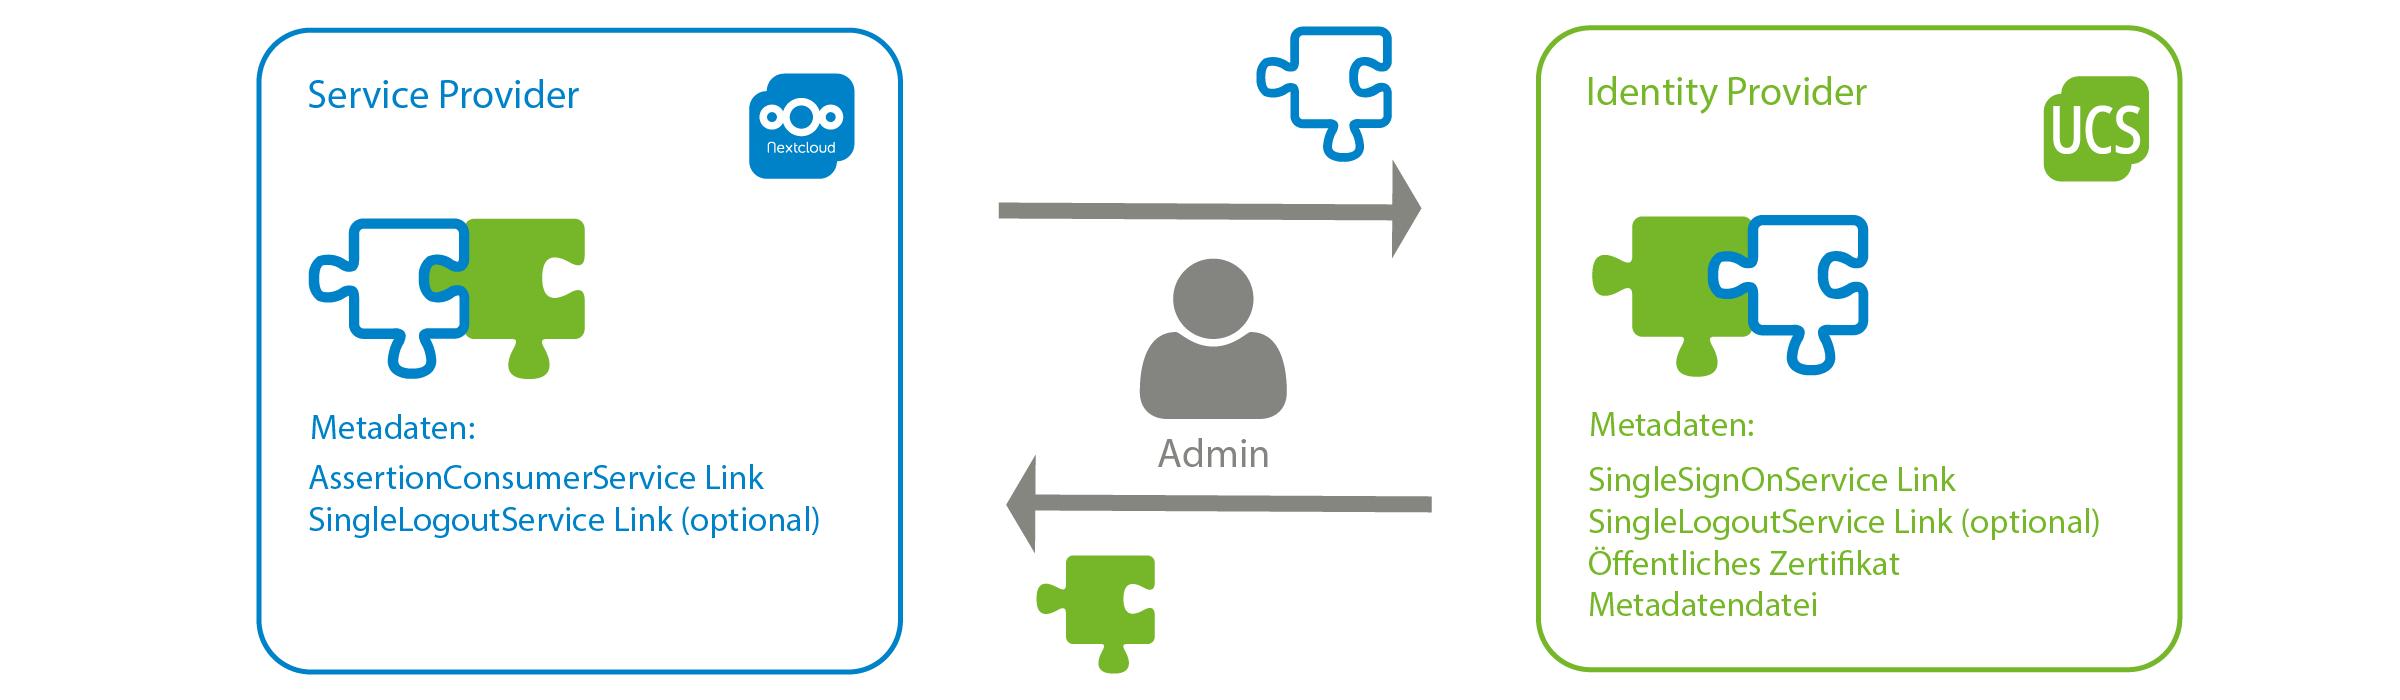 SSO mit SAML und UCS: Schaubild Austausch Metadaten Service Provider und Identity Provider